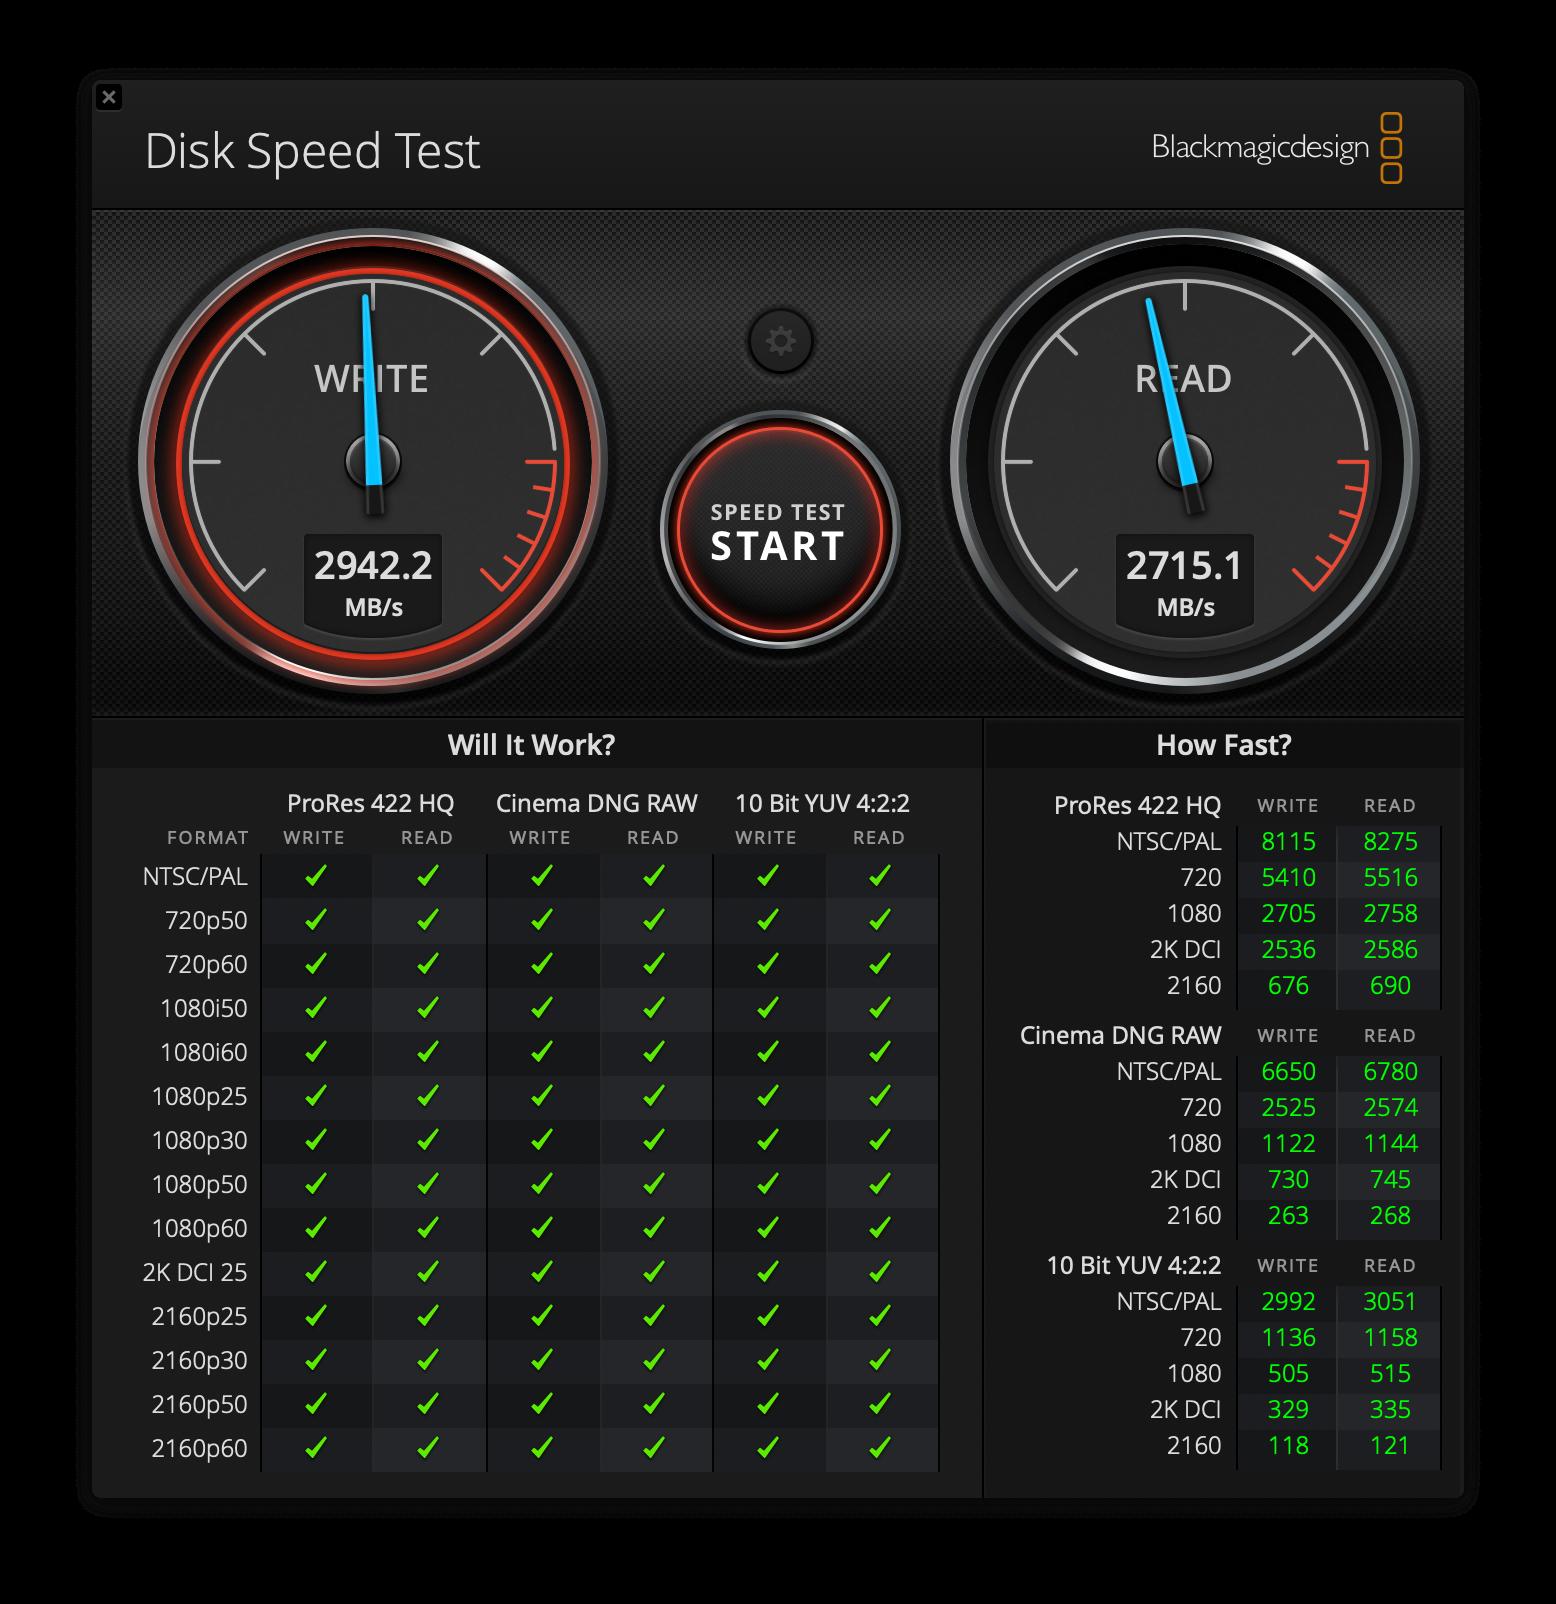 Le SSD du MacBook Air M1 est réellement très rapide